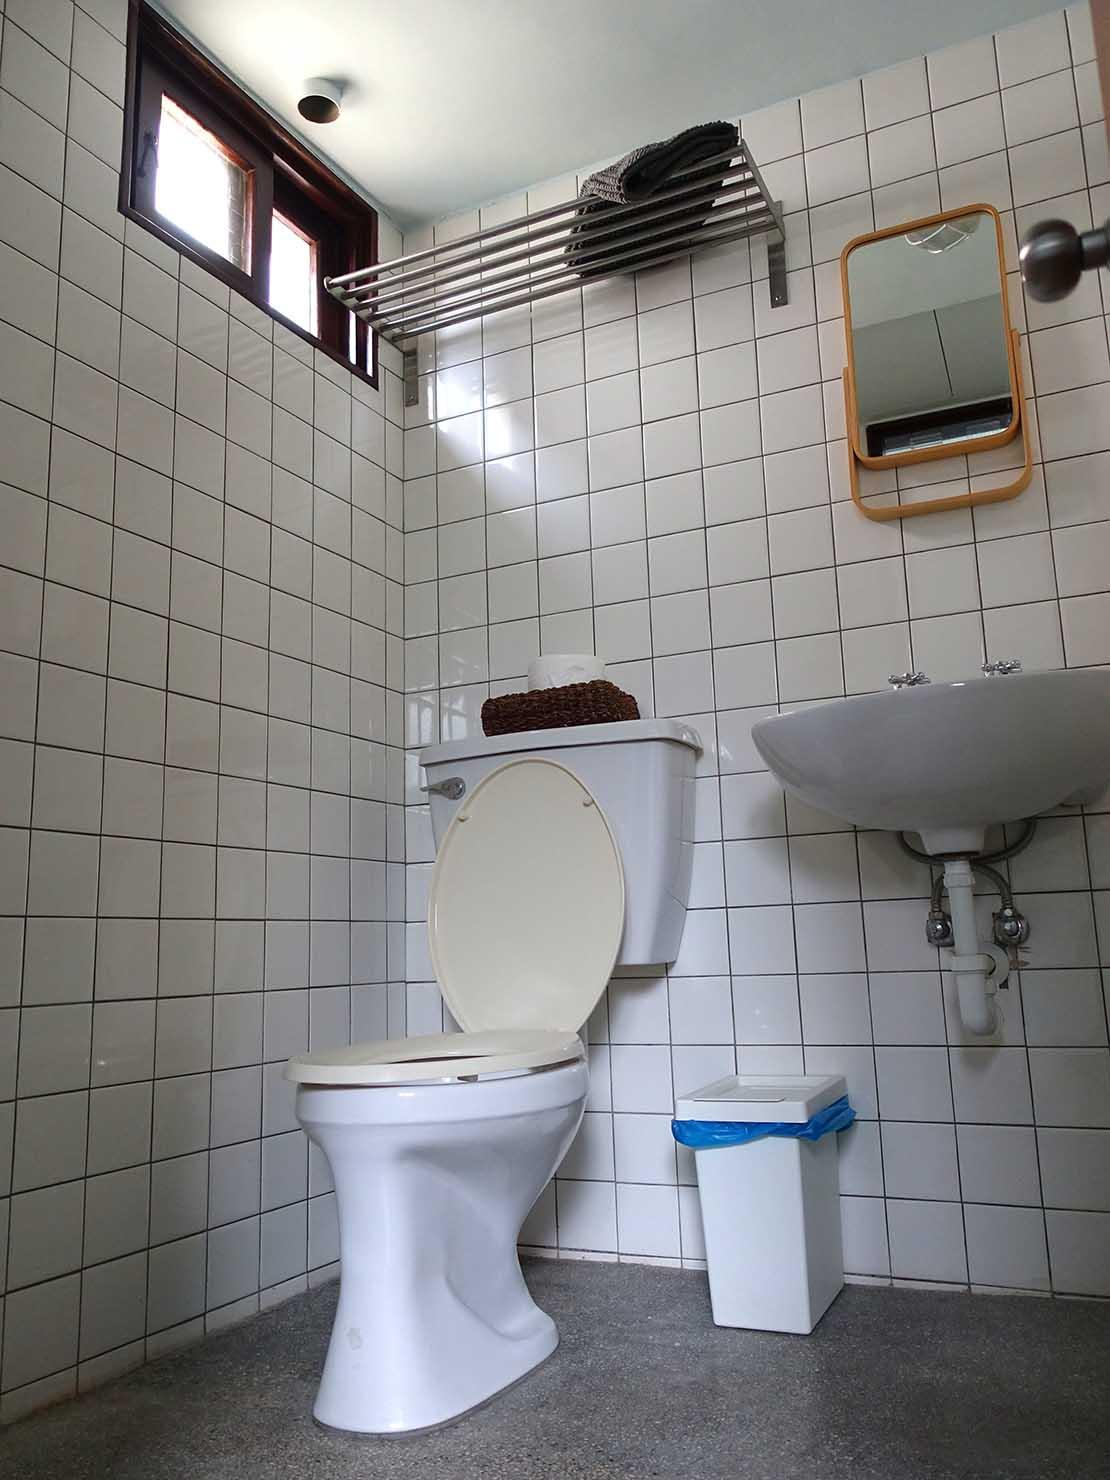 台南観光におすすめな古民家ゲストハウス「散步strolling」參號房(ダブルルーム)の浴室